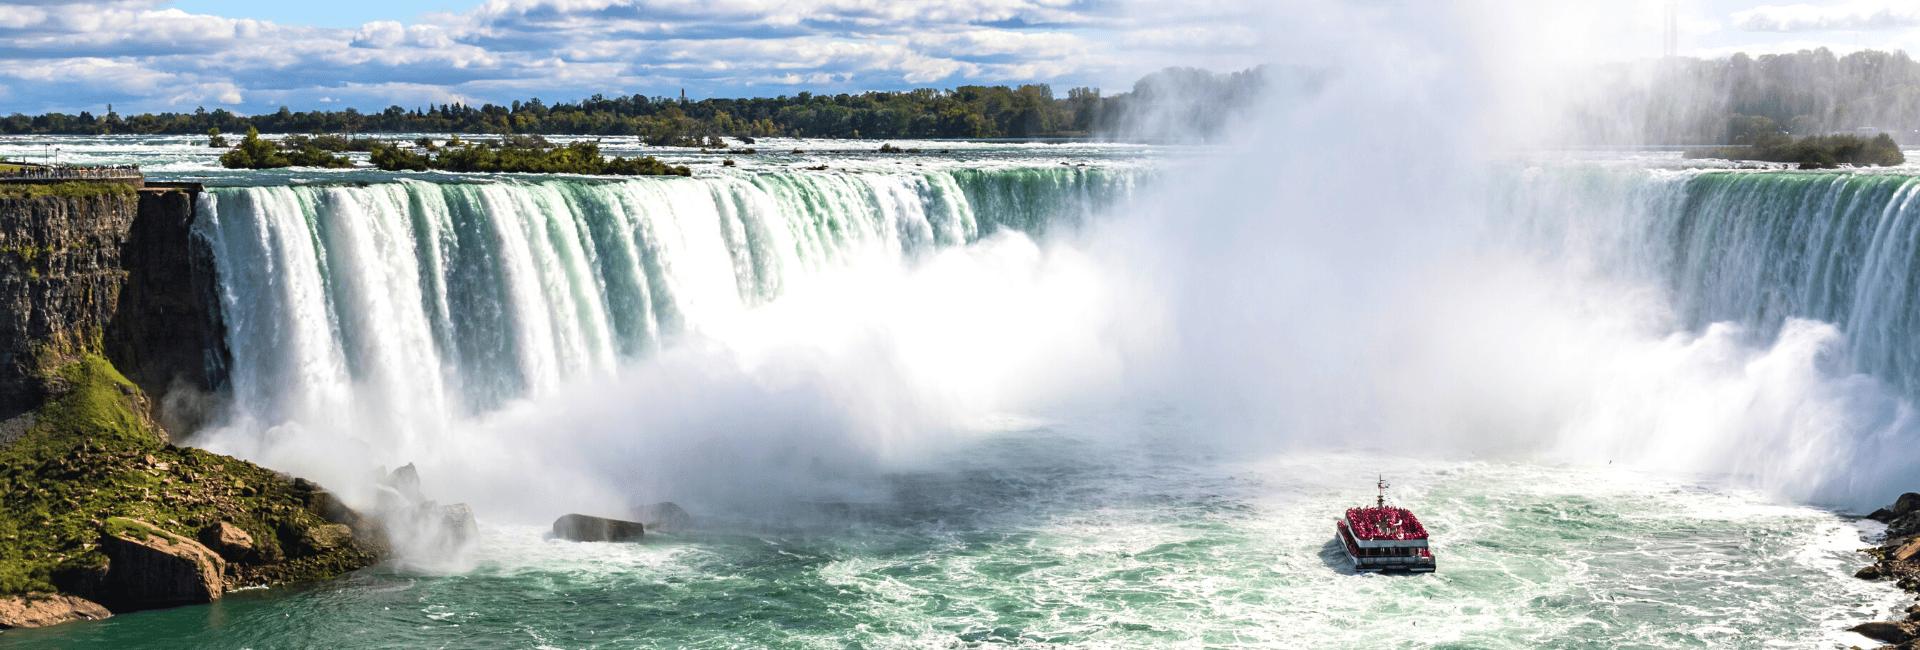 Få overblikket over, hvad du skal opleve i Canada på din ferie - Risskov Rejser